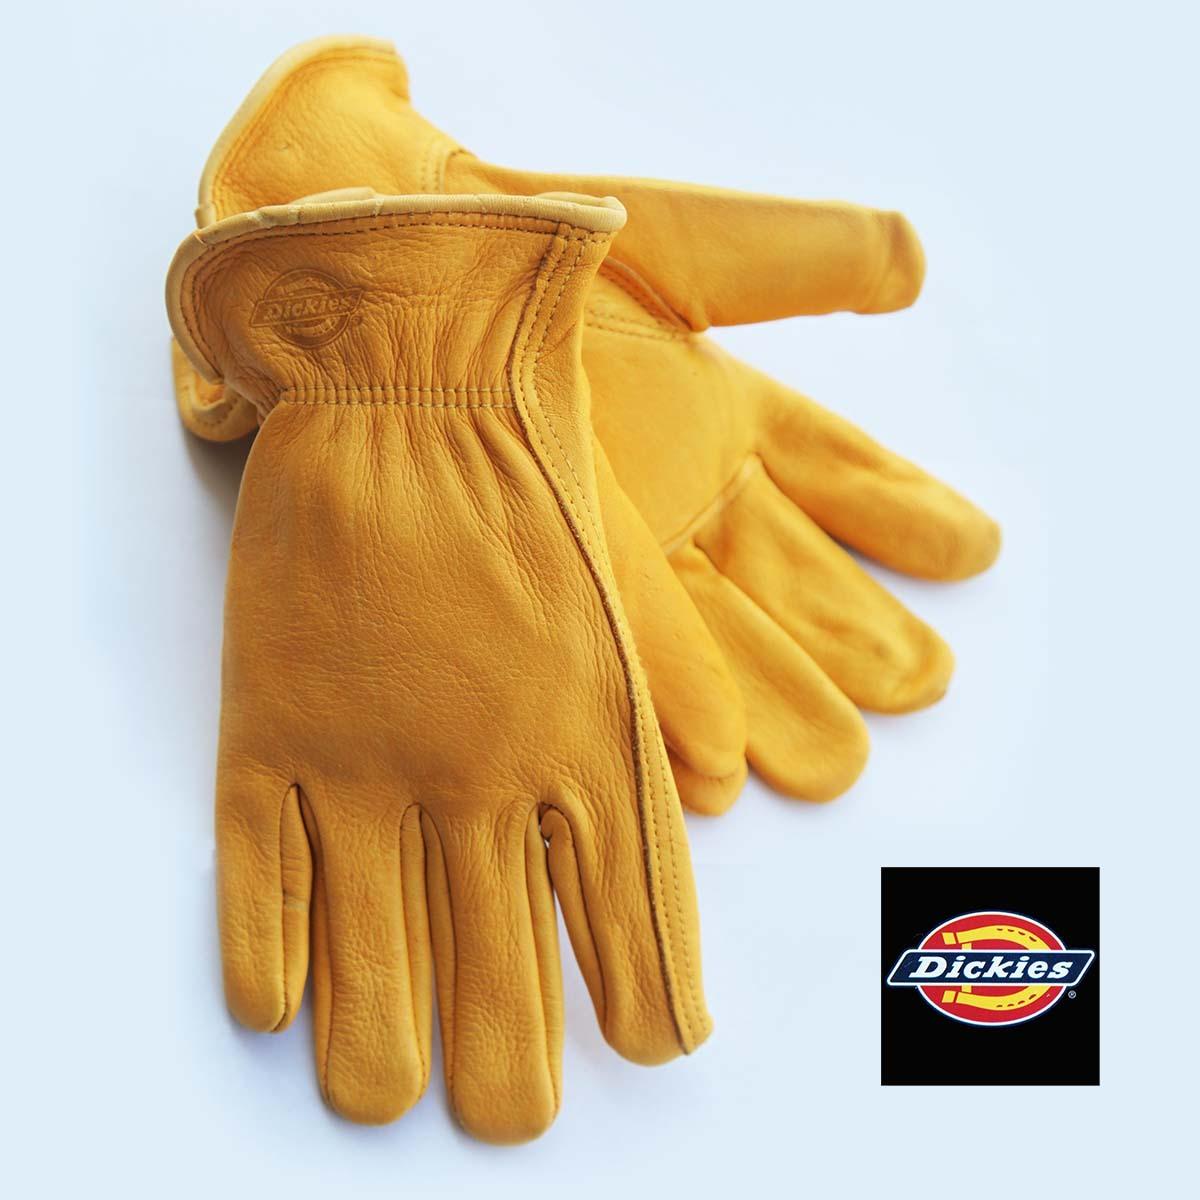 画像1: ディッキーズ ディアスキン グローブ(鹿皮手袋)M/Dickies Genuine Deerskin Leather Gloves (1)